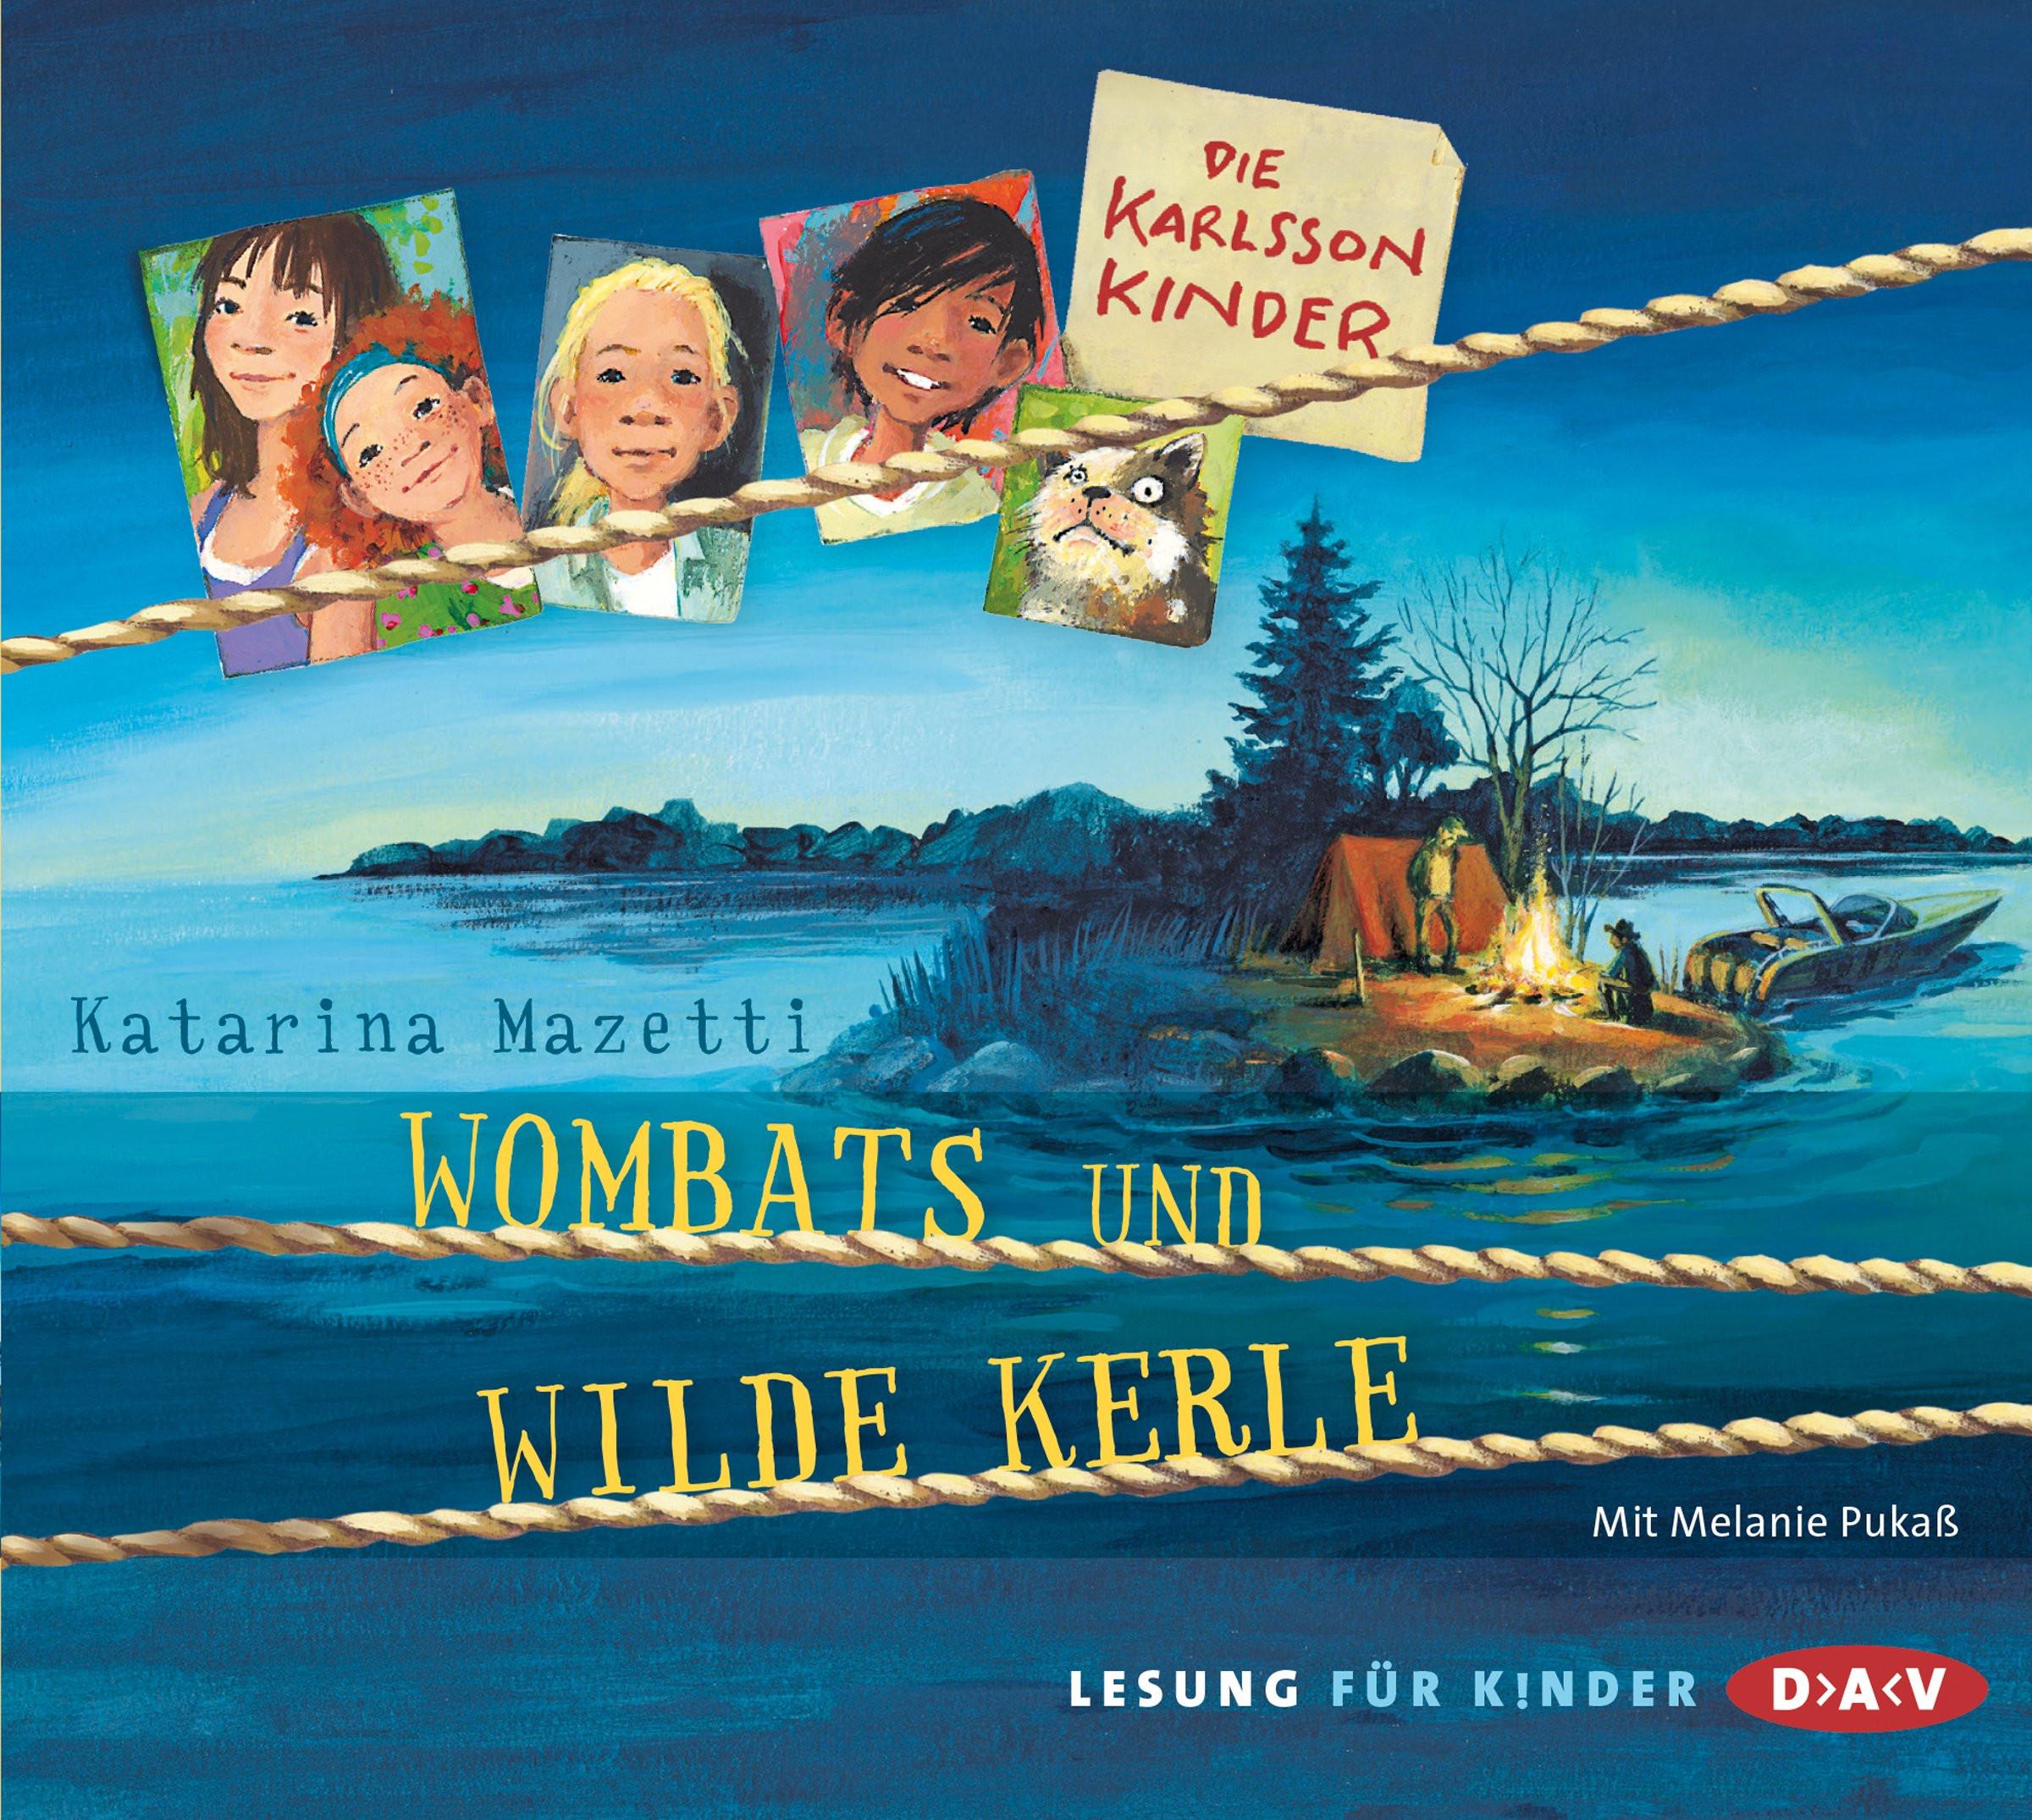 Katarina Mazetti - Die Karlsson Kinder - Teil 2: Wombats und wilde Kerle